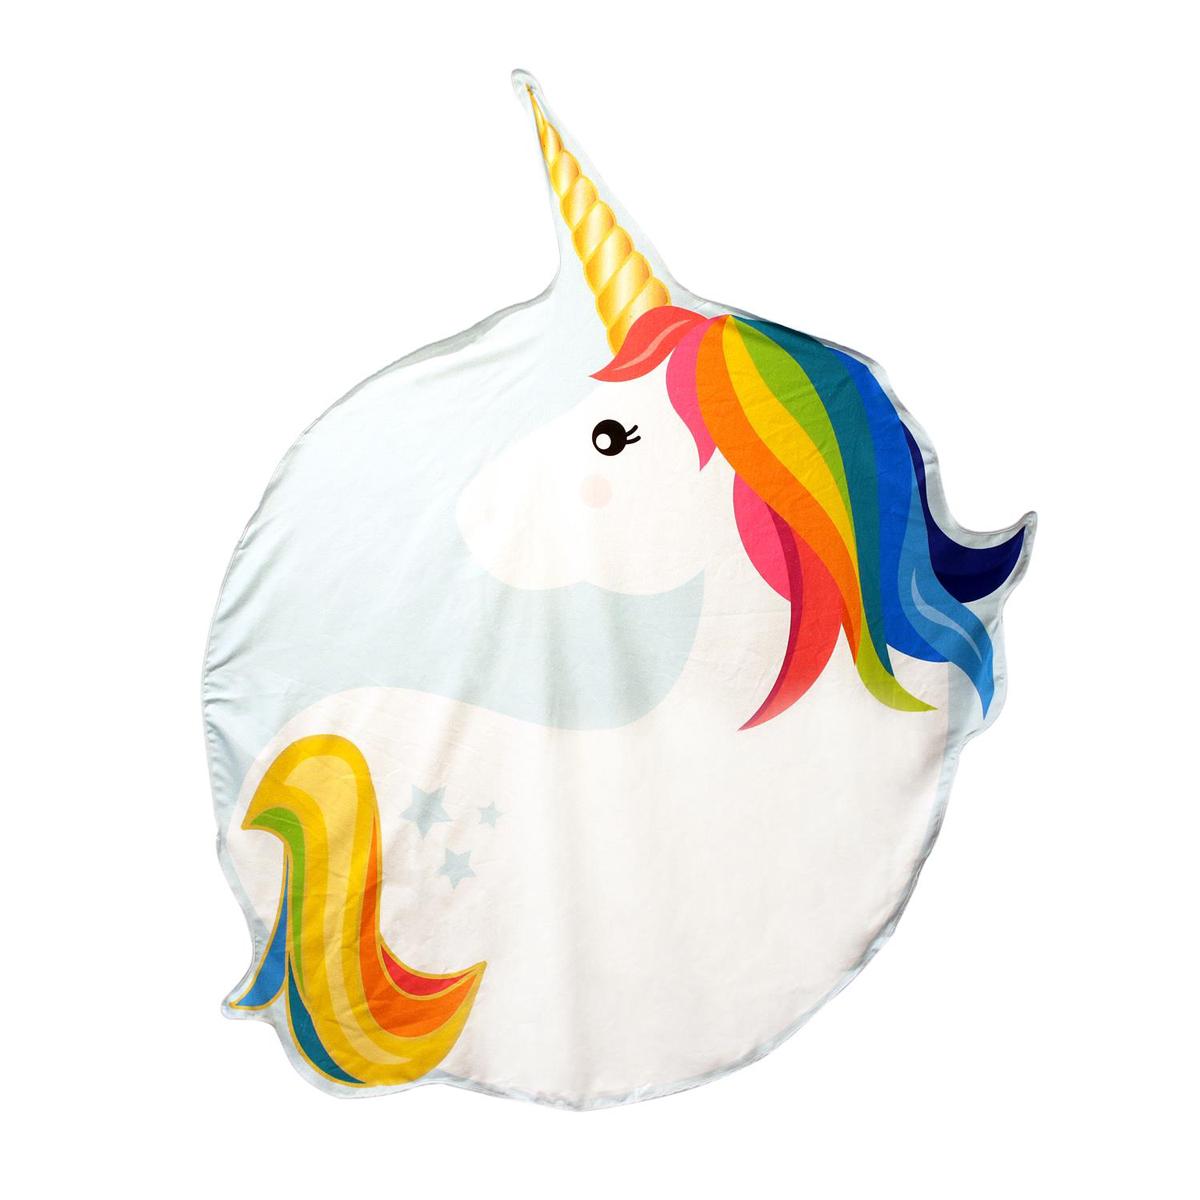 Serviette de plage créateur \'Licorne My Unicorn\' blanc multicolore - 150 cm - [Q1129]